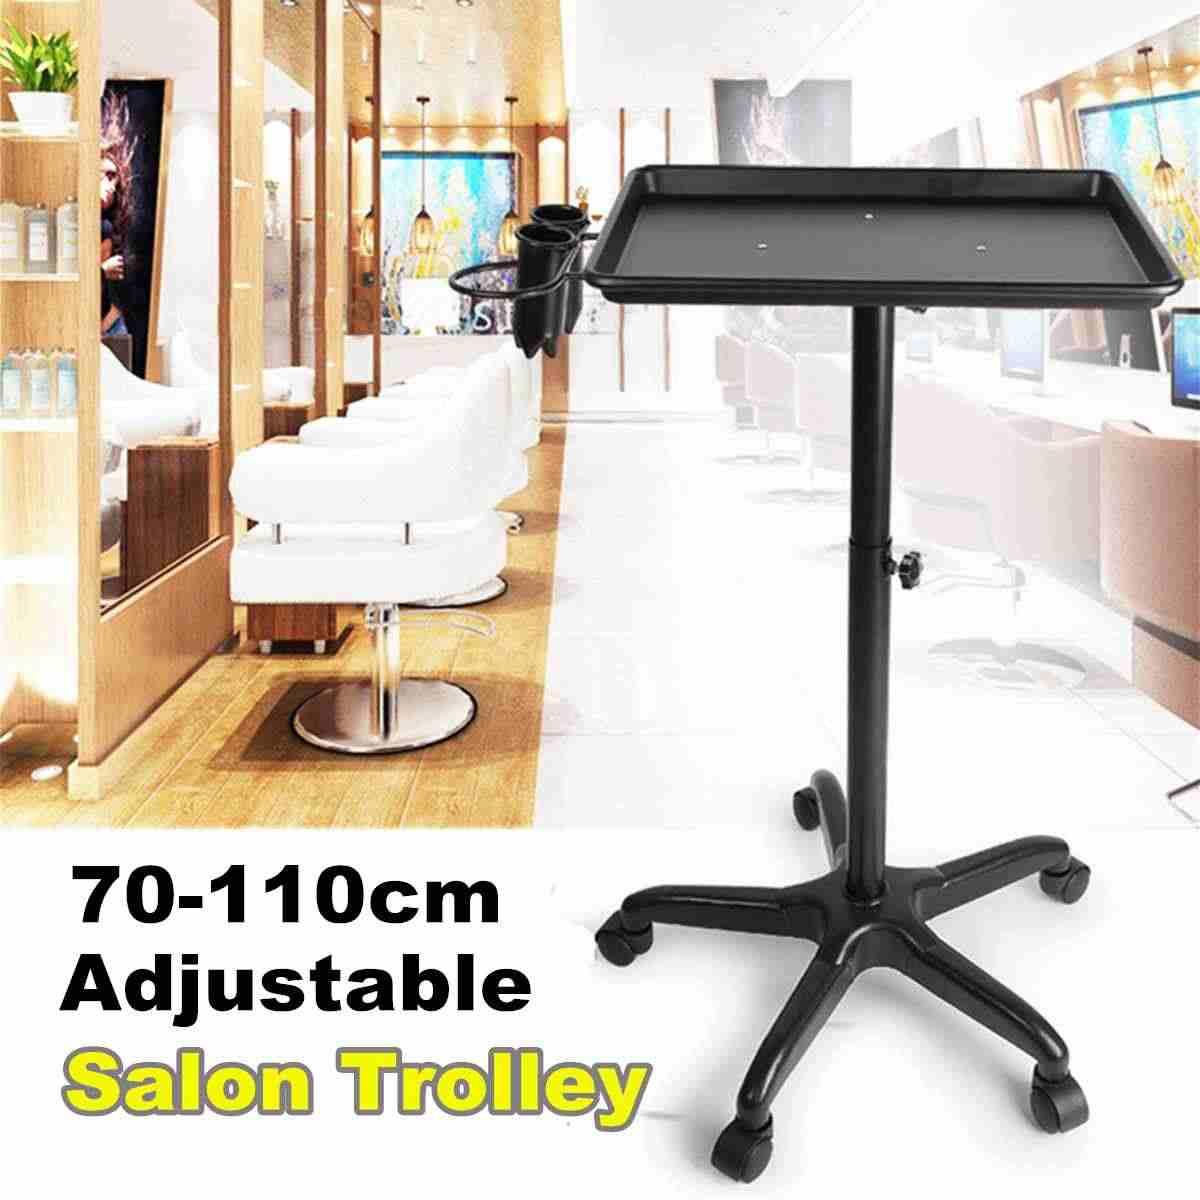 Salon Kapper Schoonheid Trolley Winkelwagen Tattoo Service Colouring Haar Apparatuur Tandarts Medische Spa Styling Trolley Houder Stand